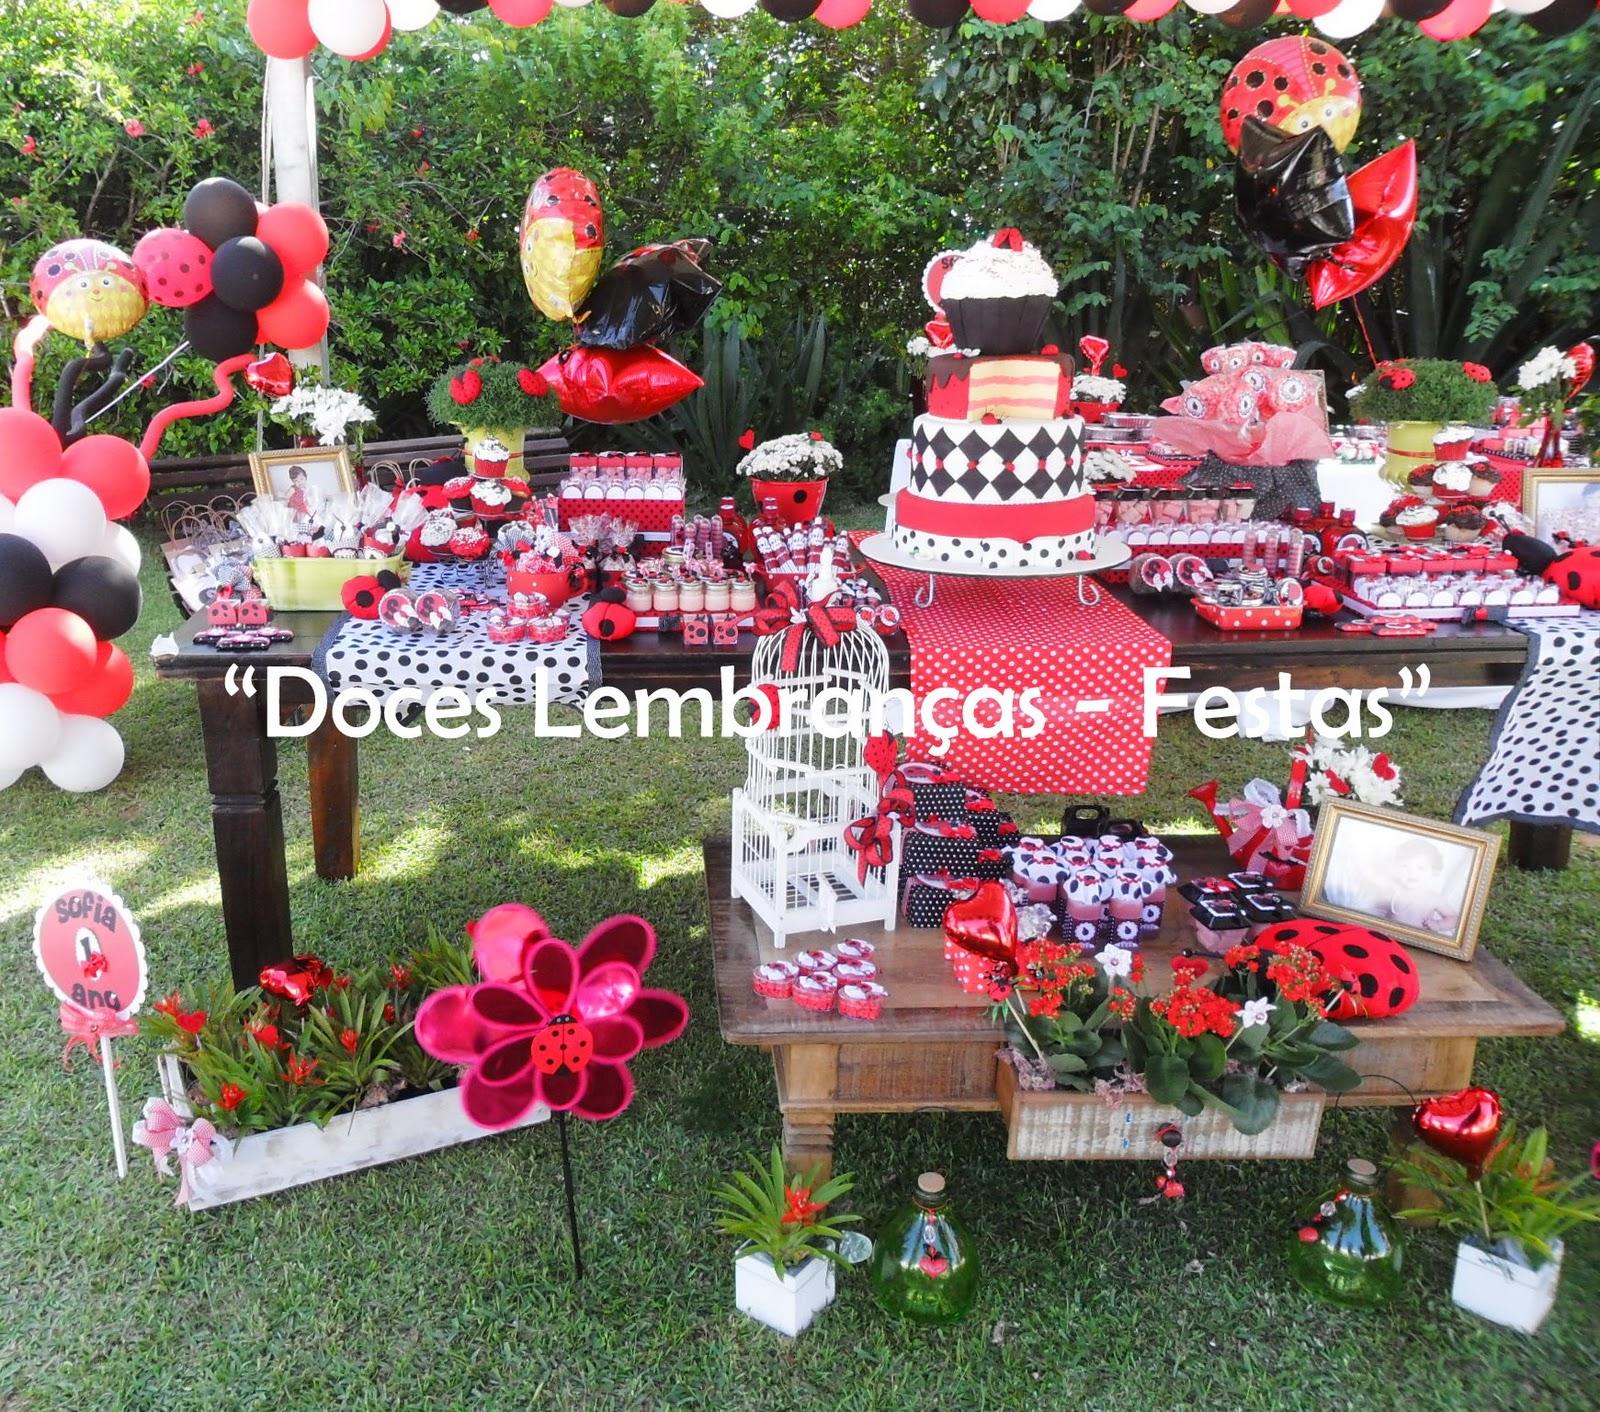 festa jardim da clarilu : festa jardim da clarilu:Convite Tema Jardim Das Joaninhas Lembrancinhas Convite Tema Jardim